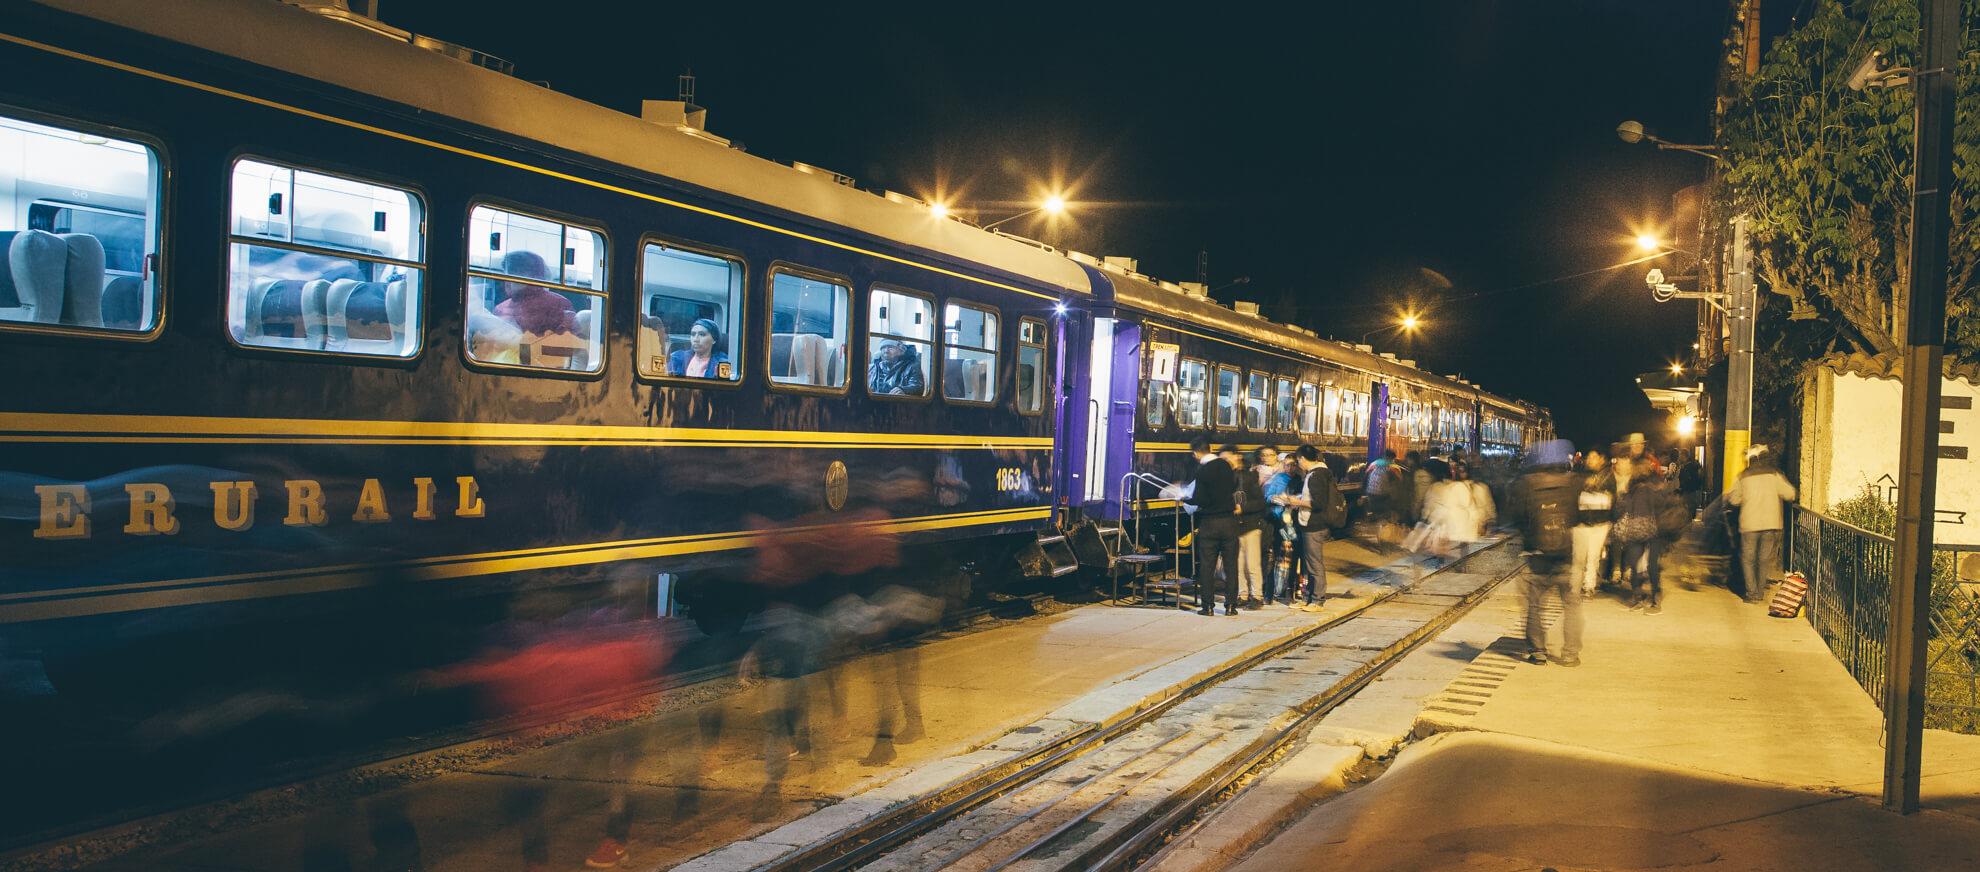 Como chegar em Machu Picchu de trem saindo de Cusco [Passo a Passo]